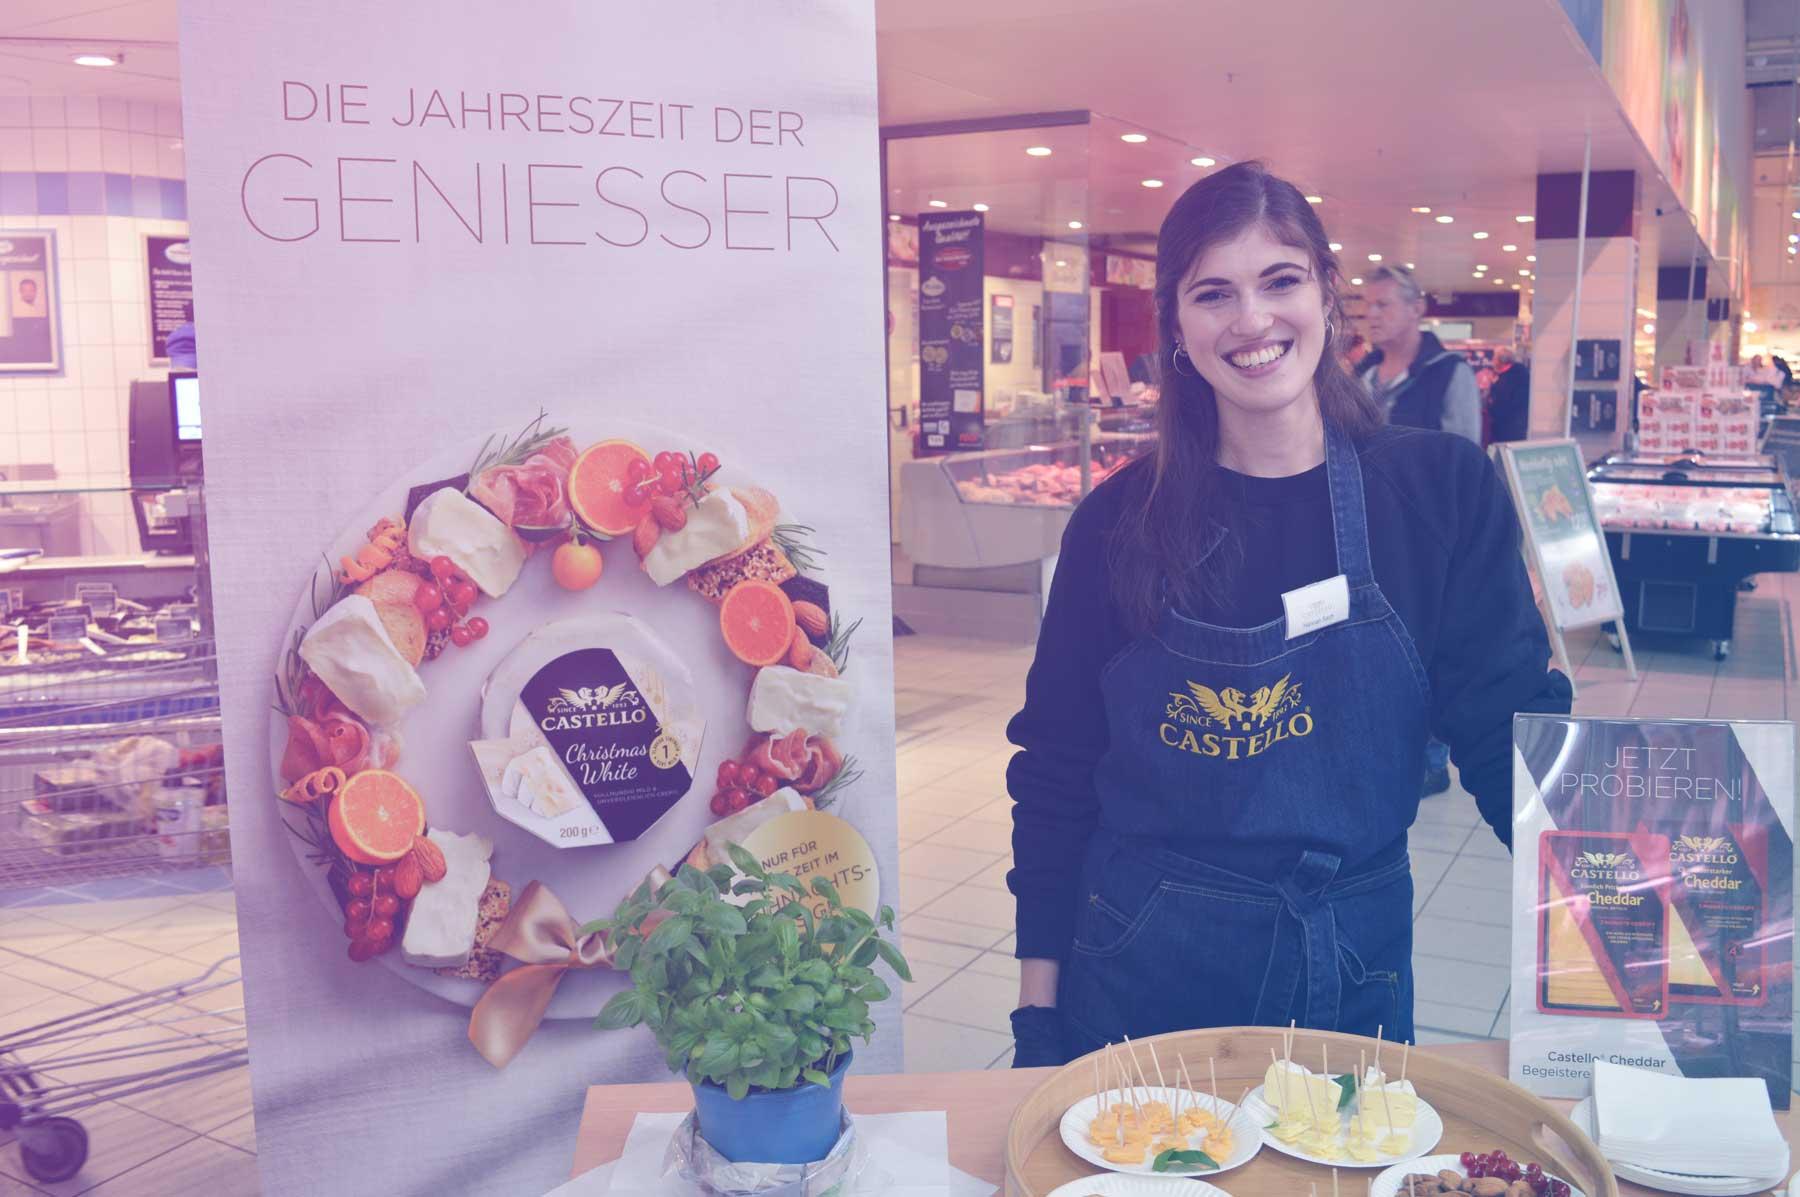 Foto Shopper Activation Aktion von GLOBE am PoS im Bereich Food / Lebensmittel.